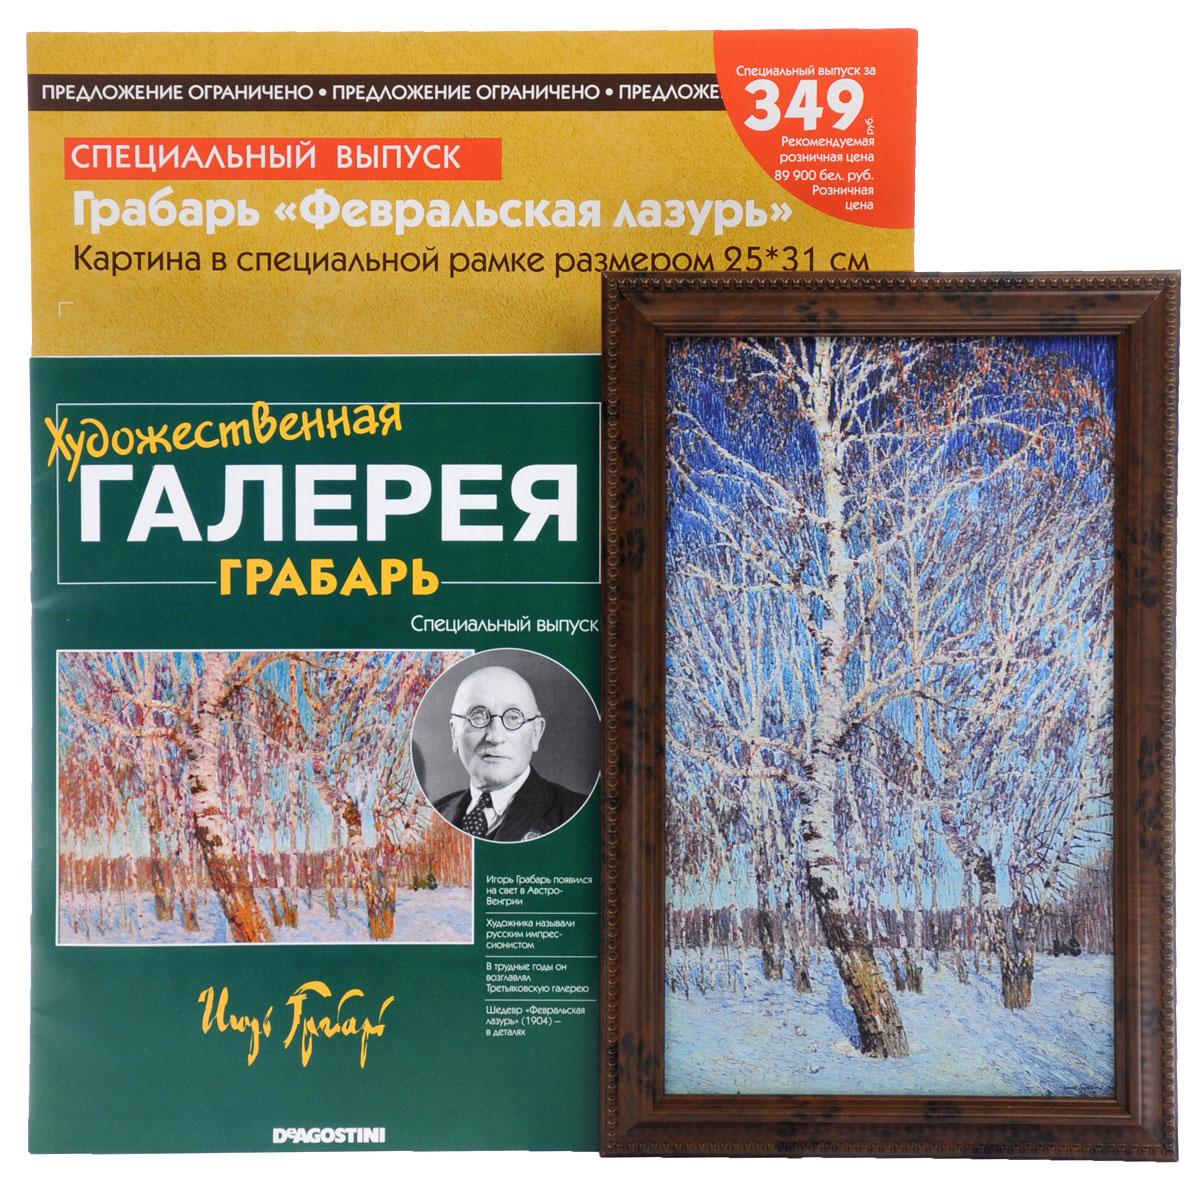 Журнал Художественная галерея. Специальный выпуск №5 билет в третьяковскую галерею